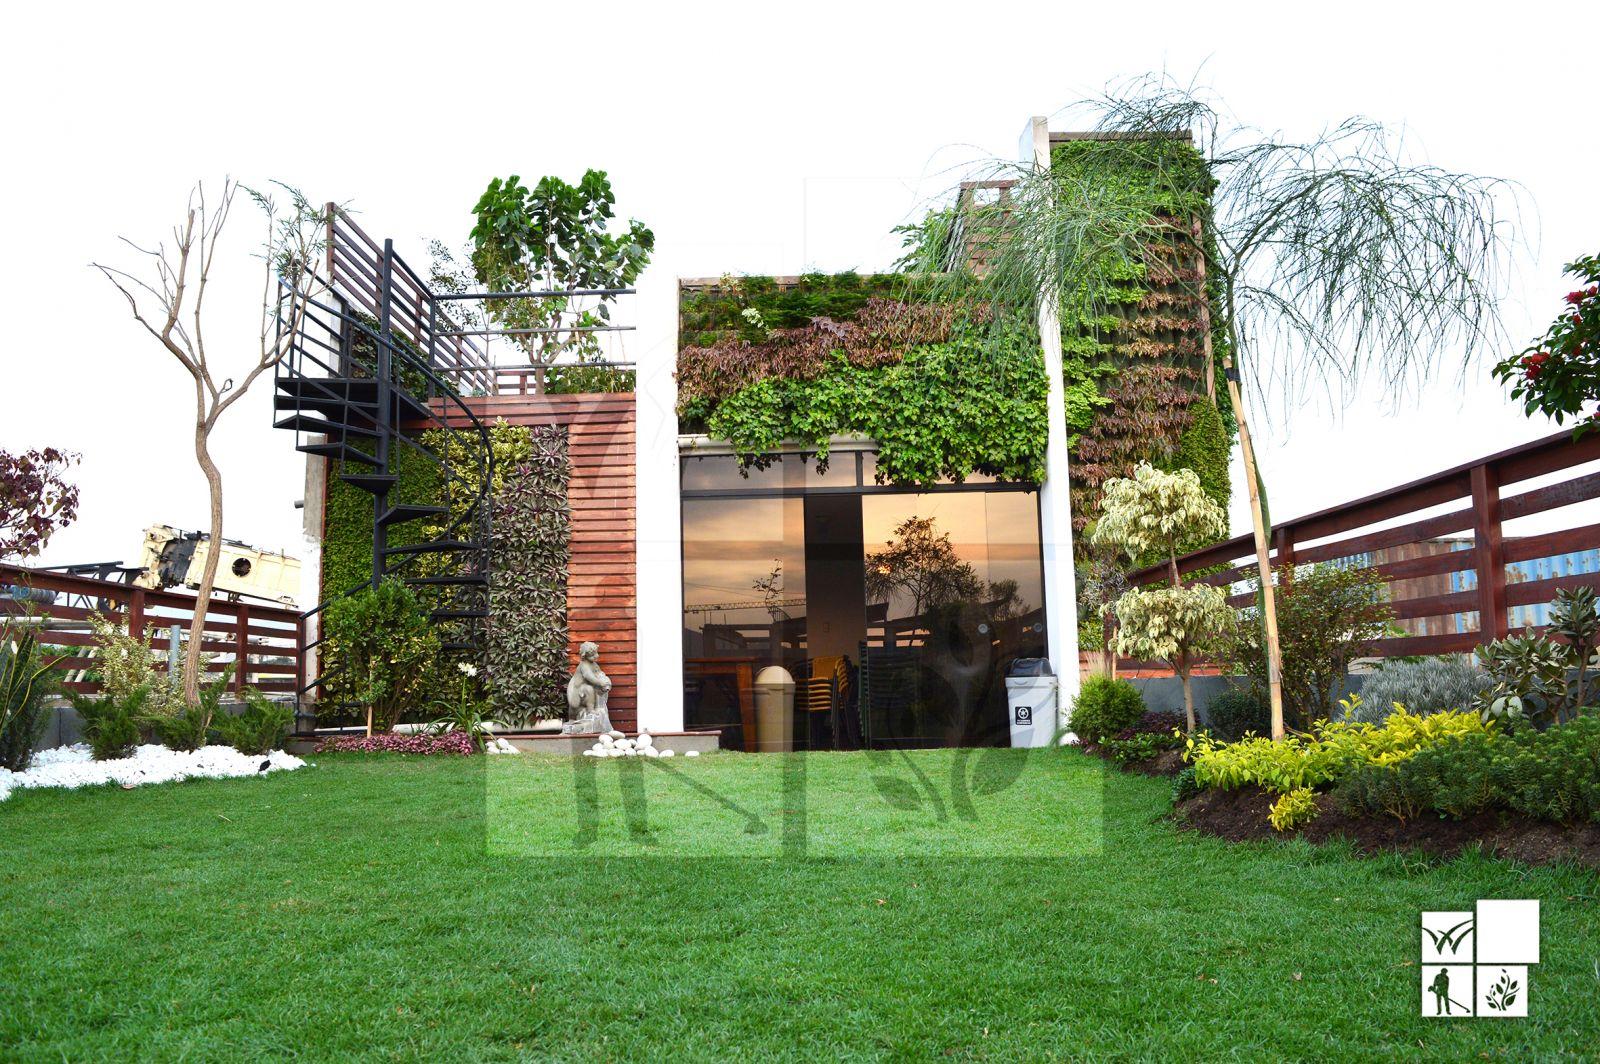 Paisajismo en techos y azoteas verdes vivero chaclacayo for Jardines en azoteas